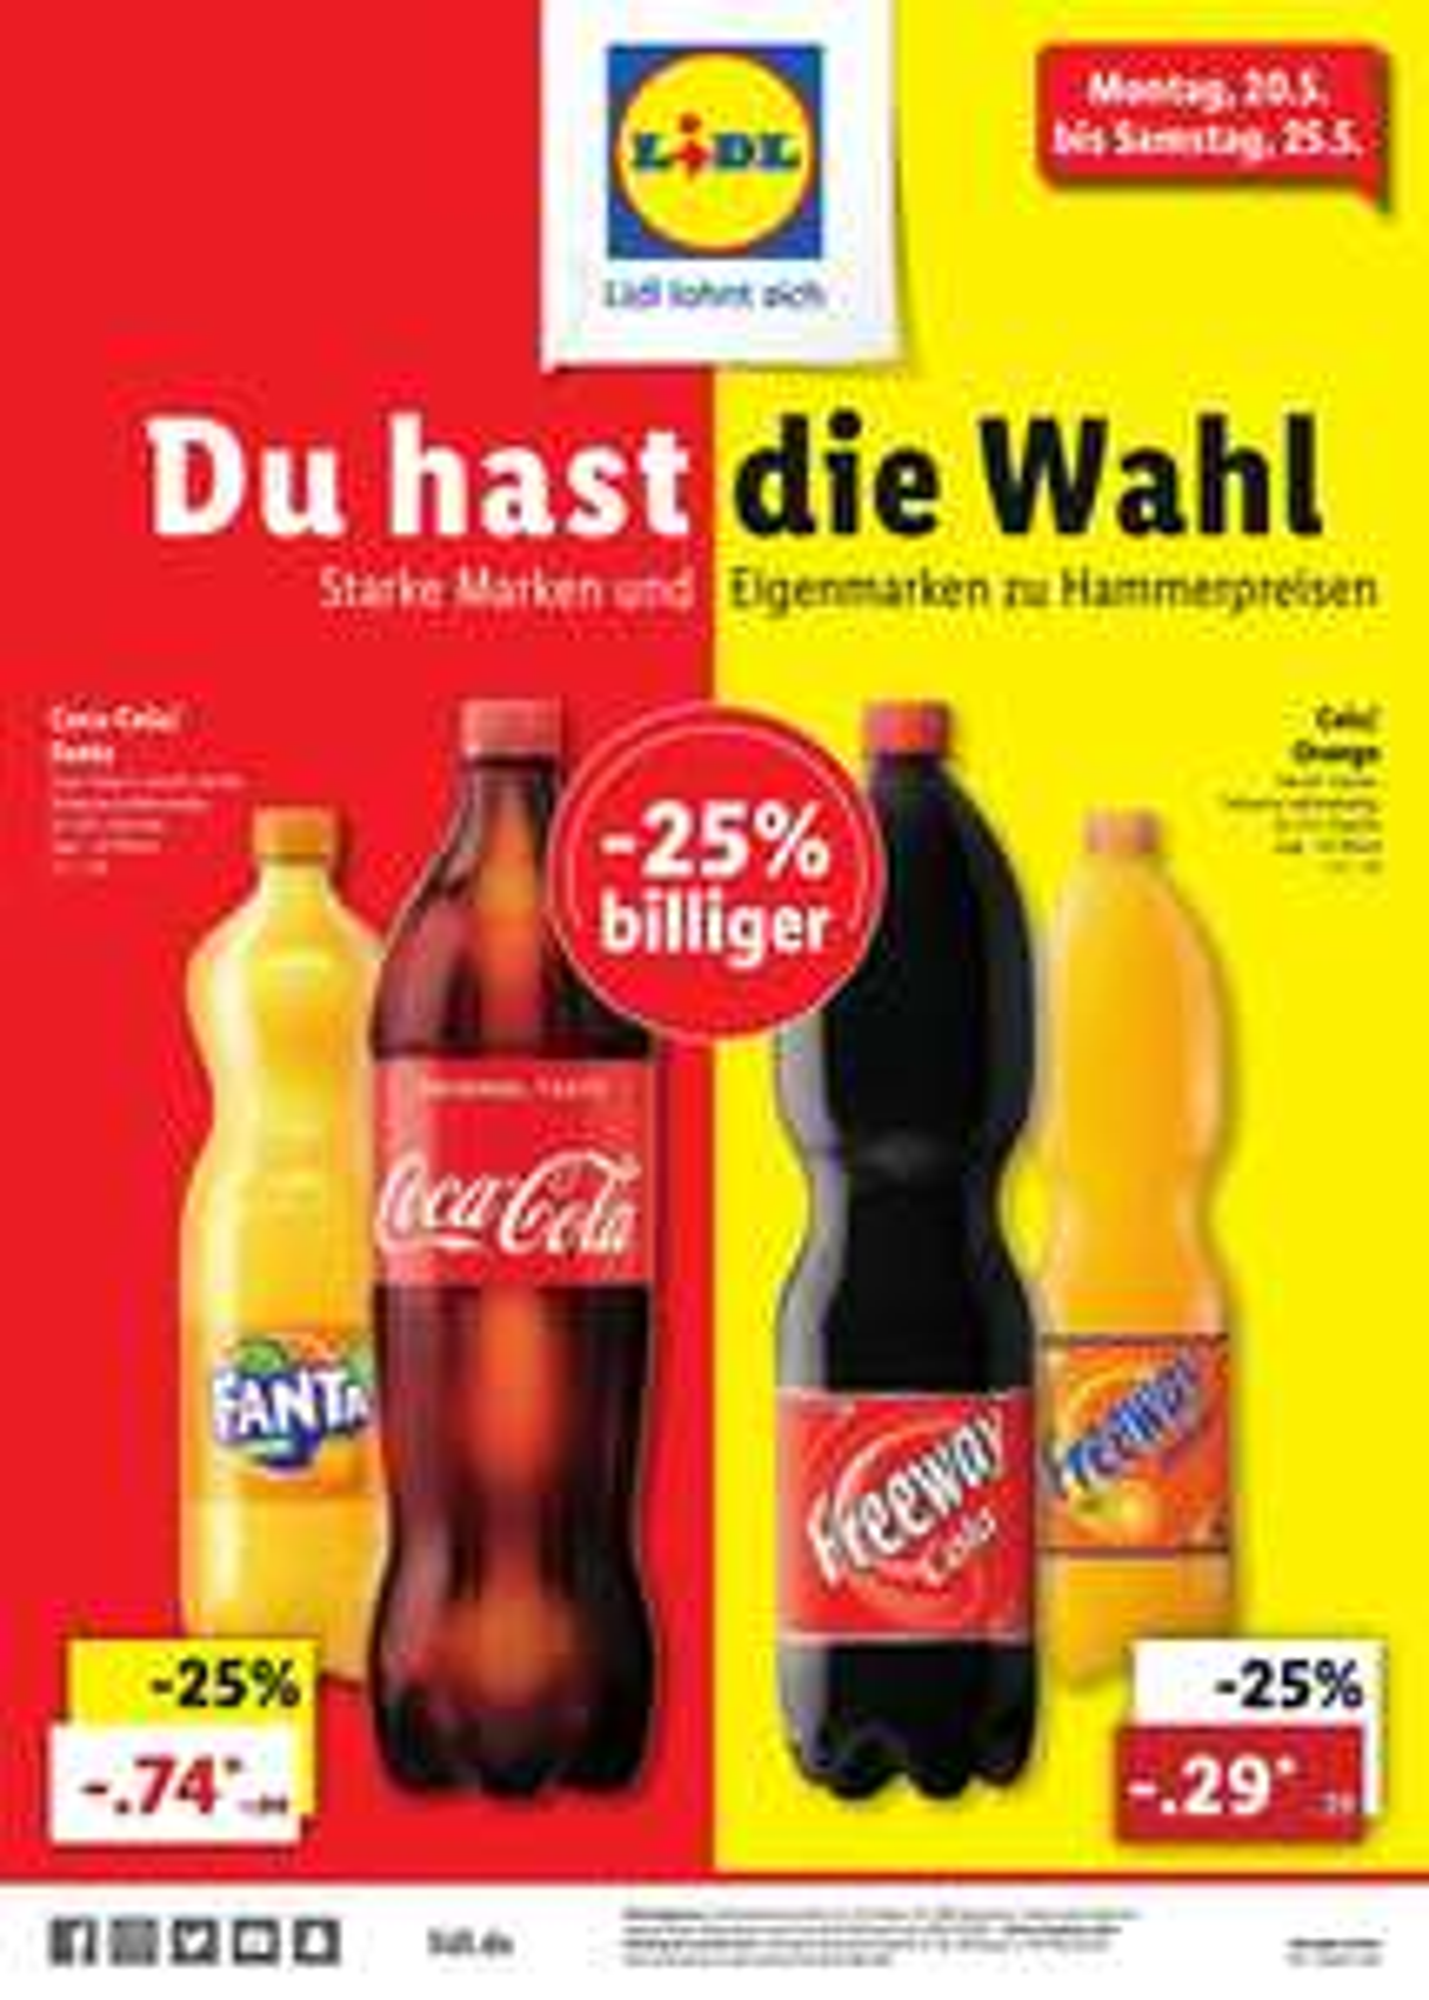 Coca-Cola oder Fanta, 1,25l Fl., für 74 ct / Freeway Cola oder Orange, 1,5l Fl., für 29 ct (jeweils zzgl. Pfand) @ Lidl ab 20.05.